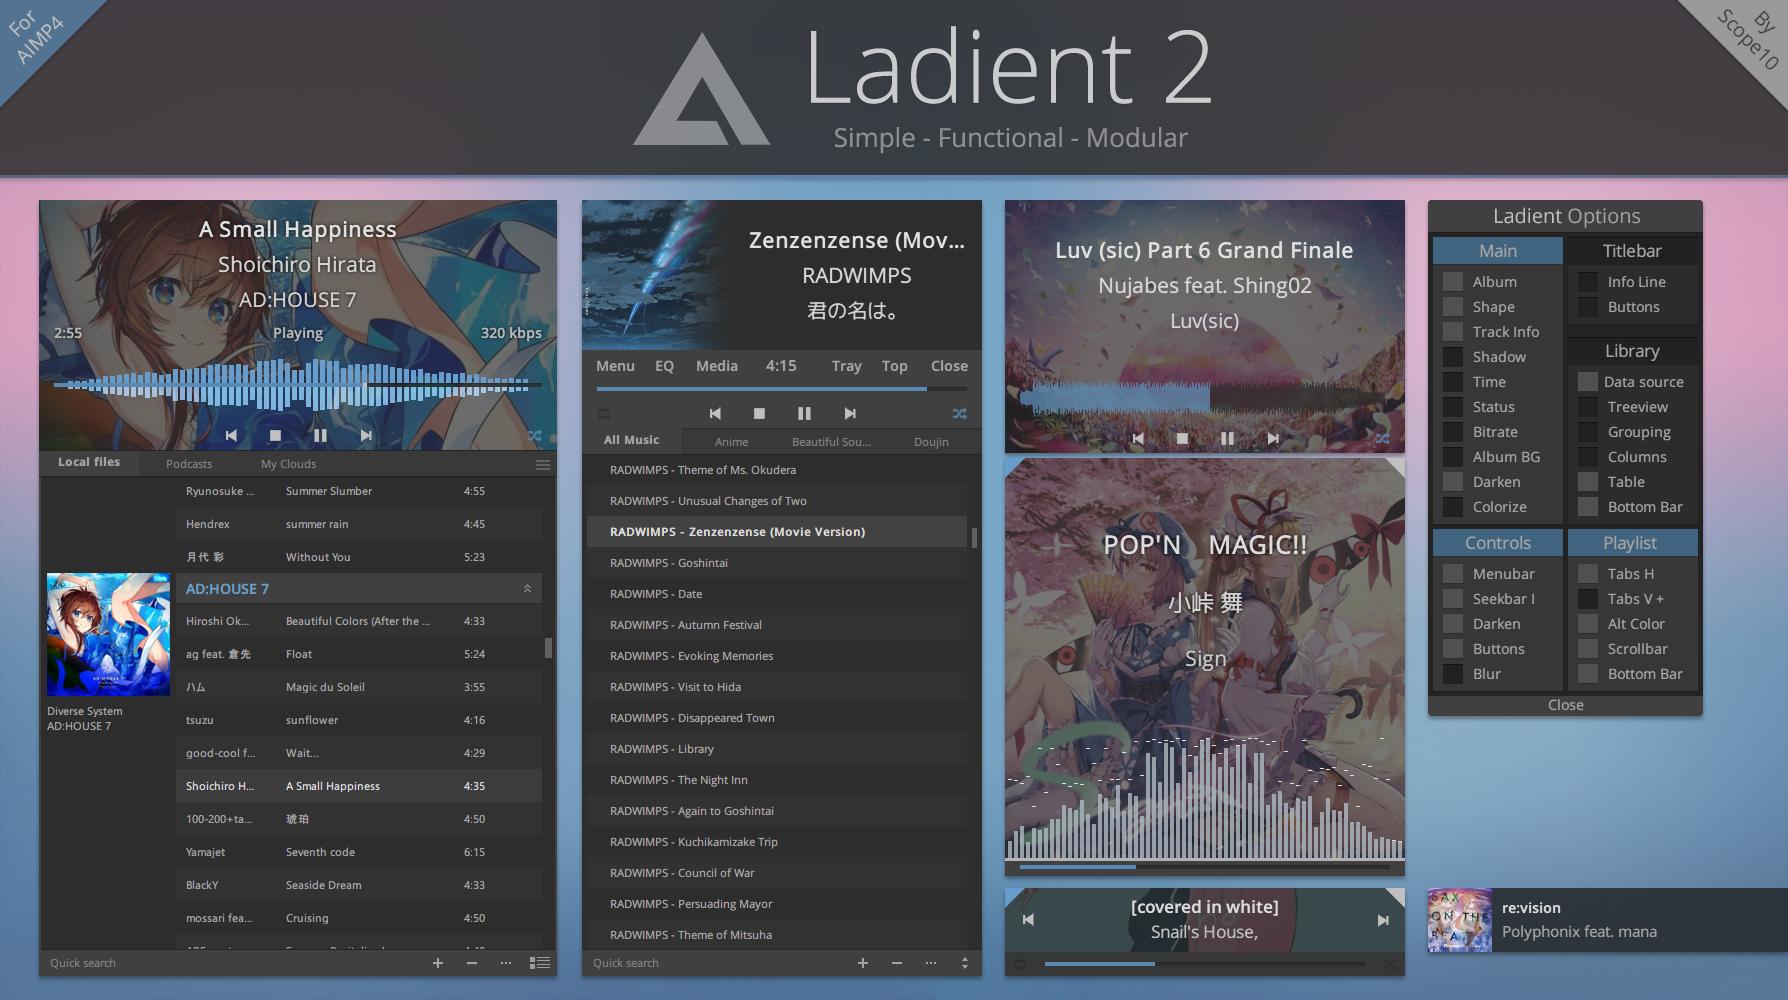 Ladient 2 - AIMP 4 skin